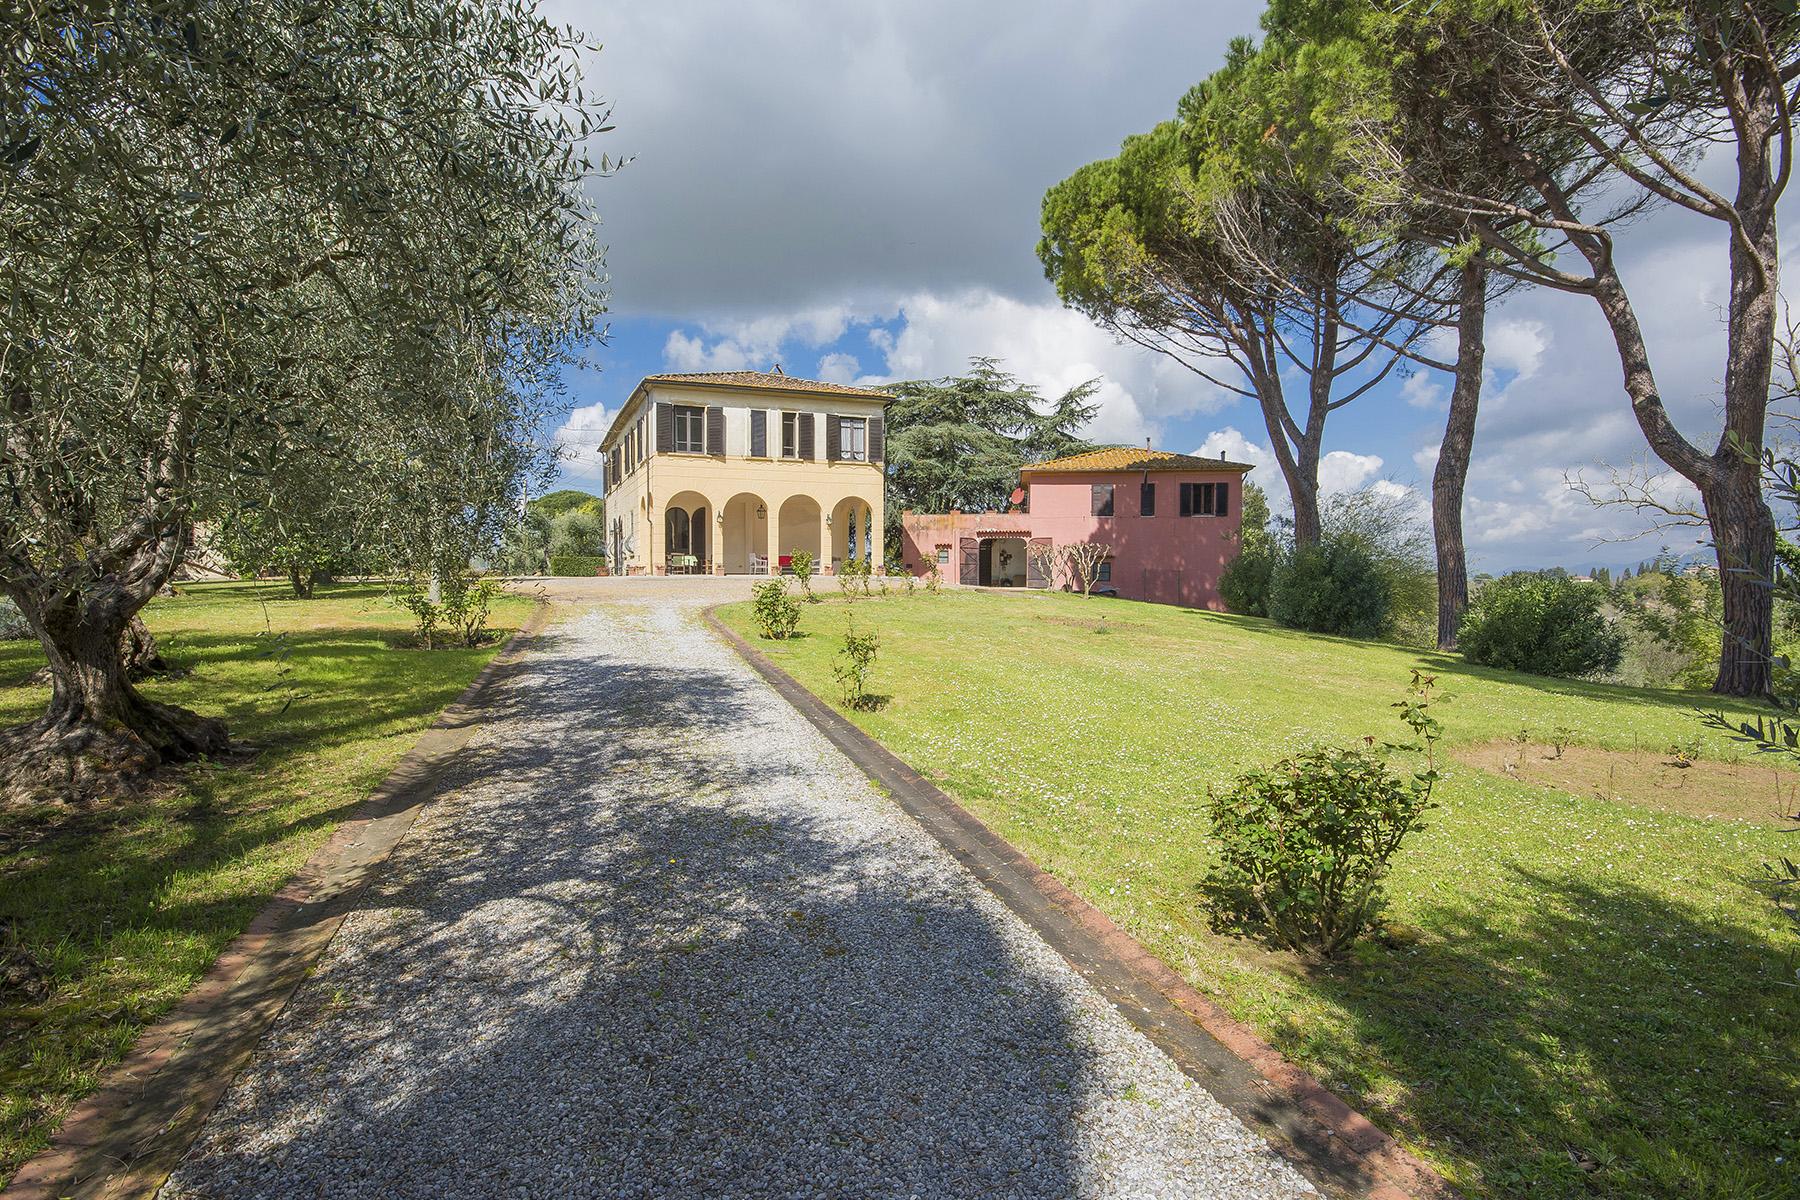 Villa in Vendita a Crespina Lorenzana: 5 locali, 900 mq - Foto 13